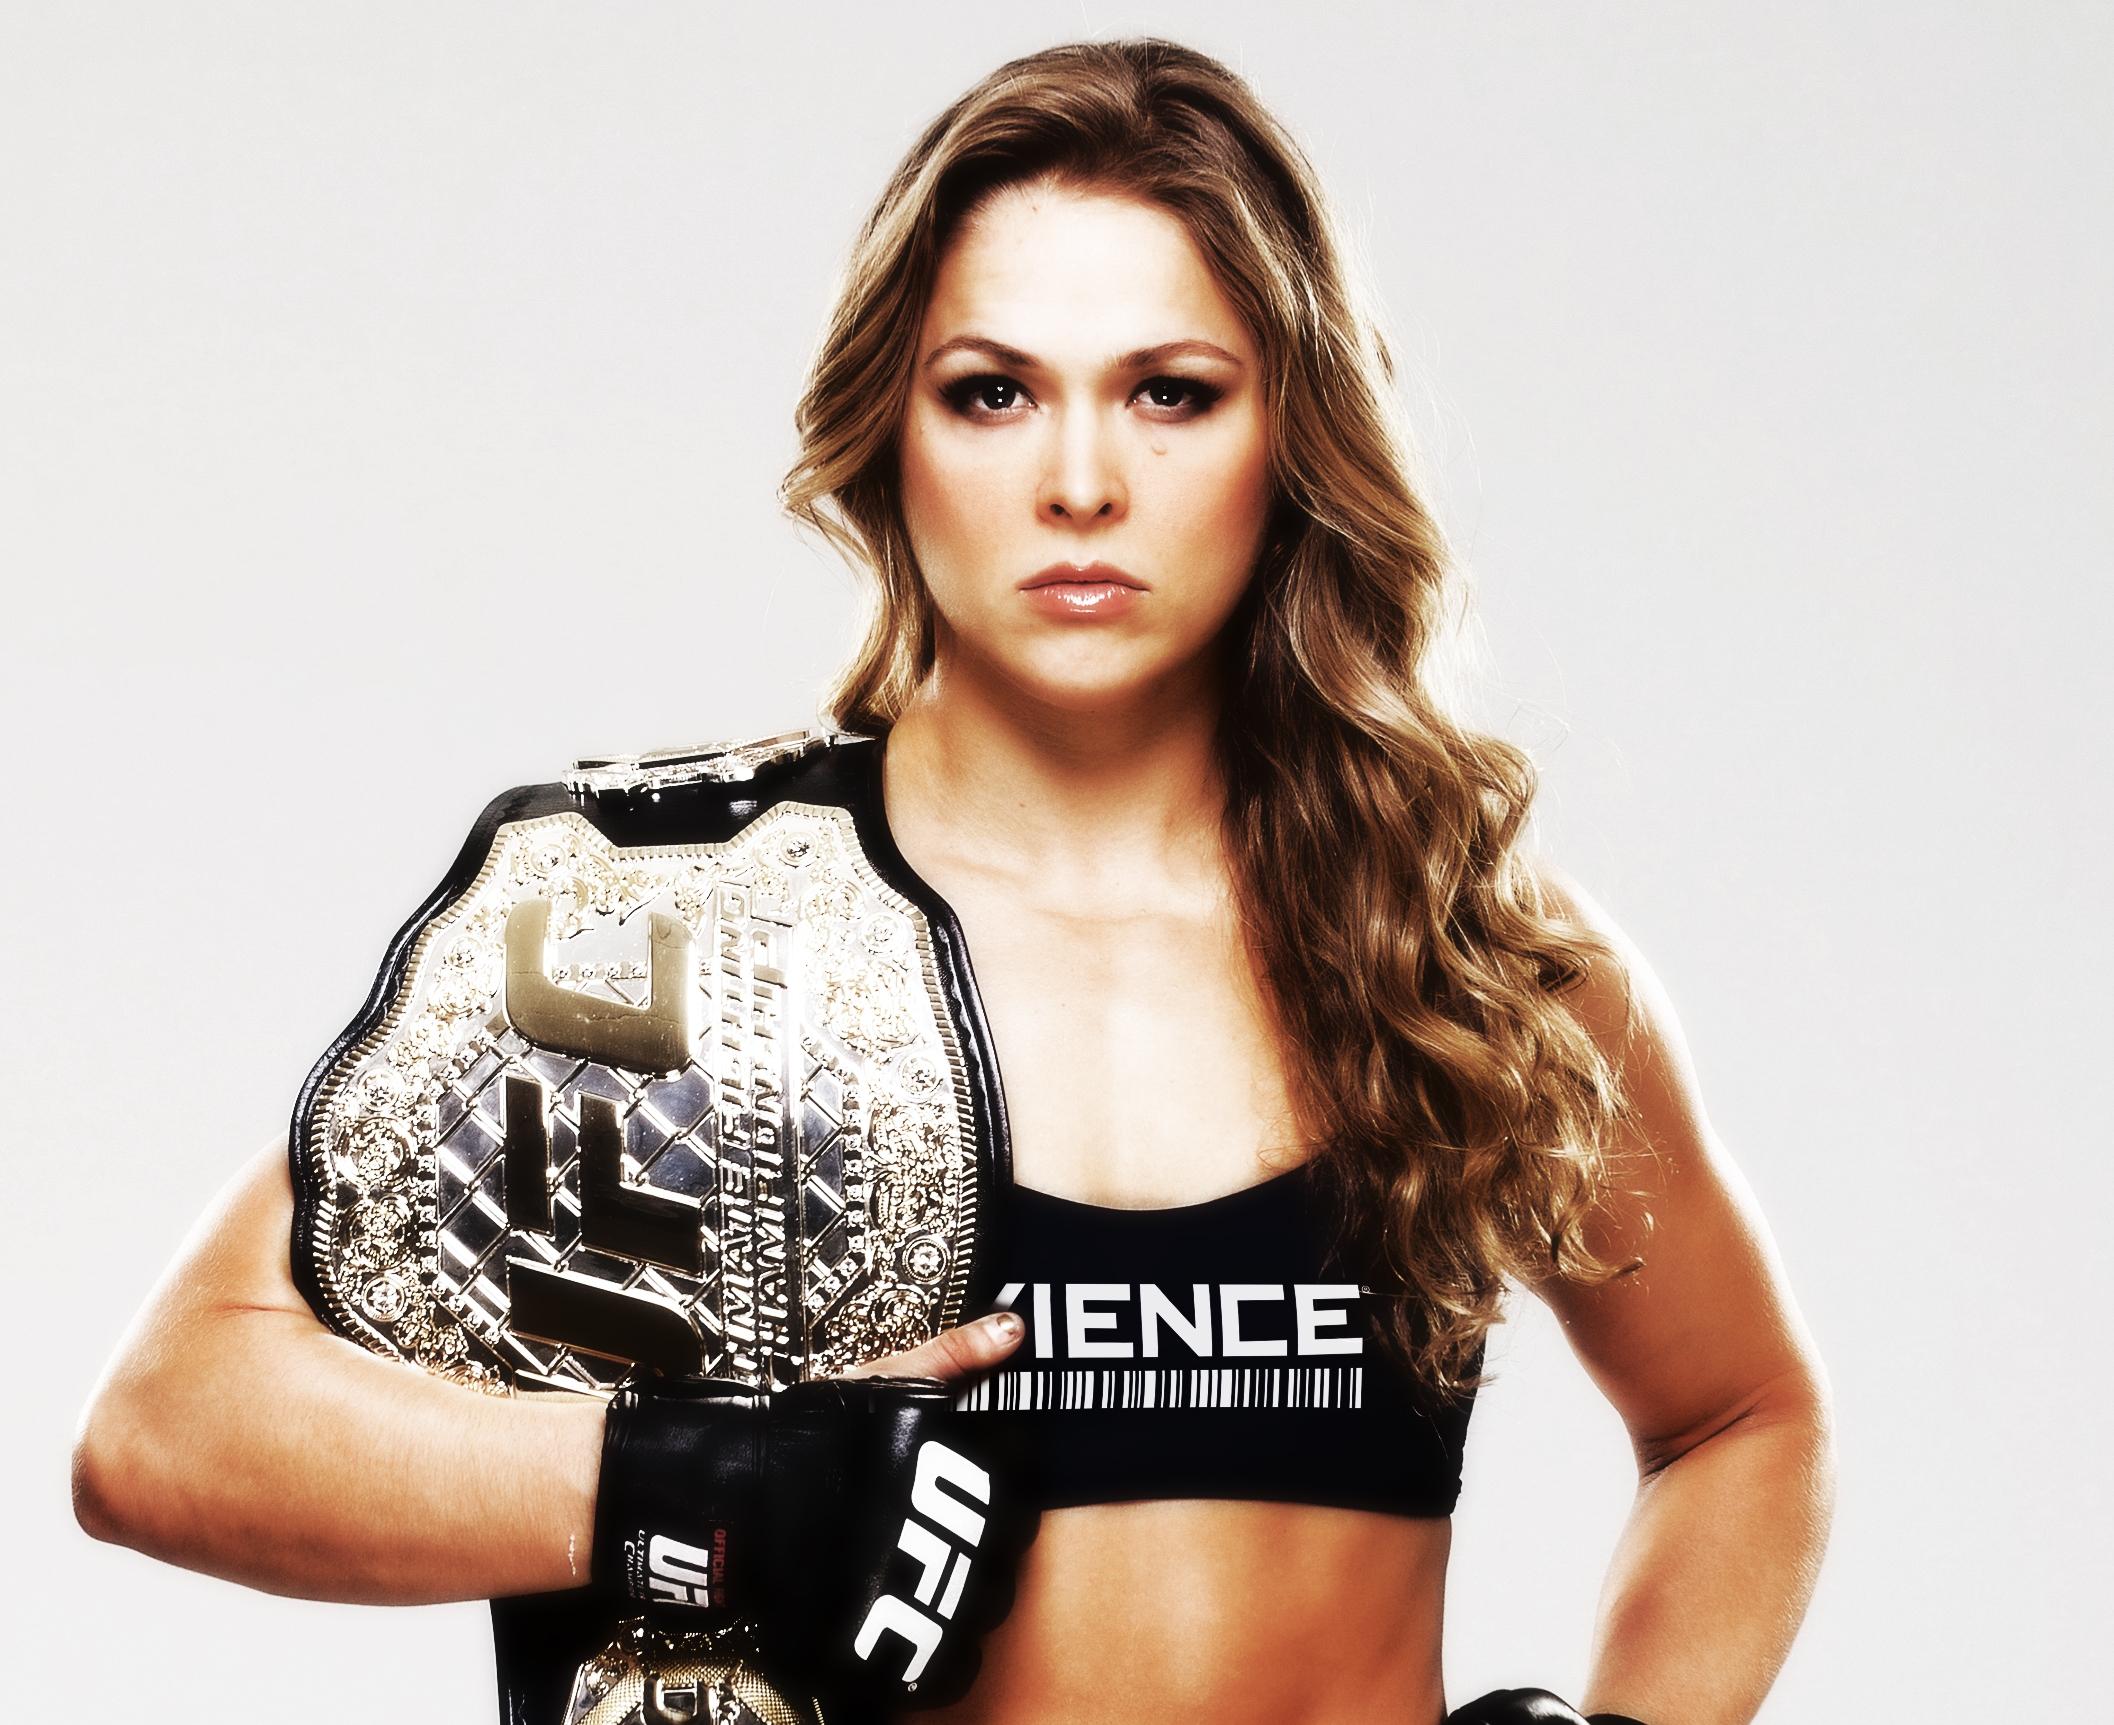 Rohnda rousey - UFC champ